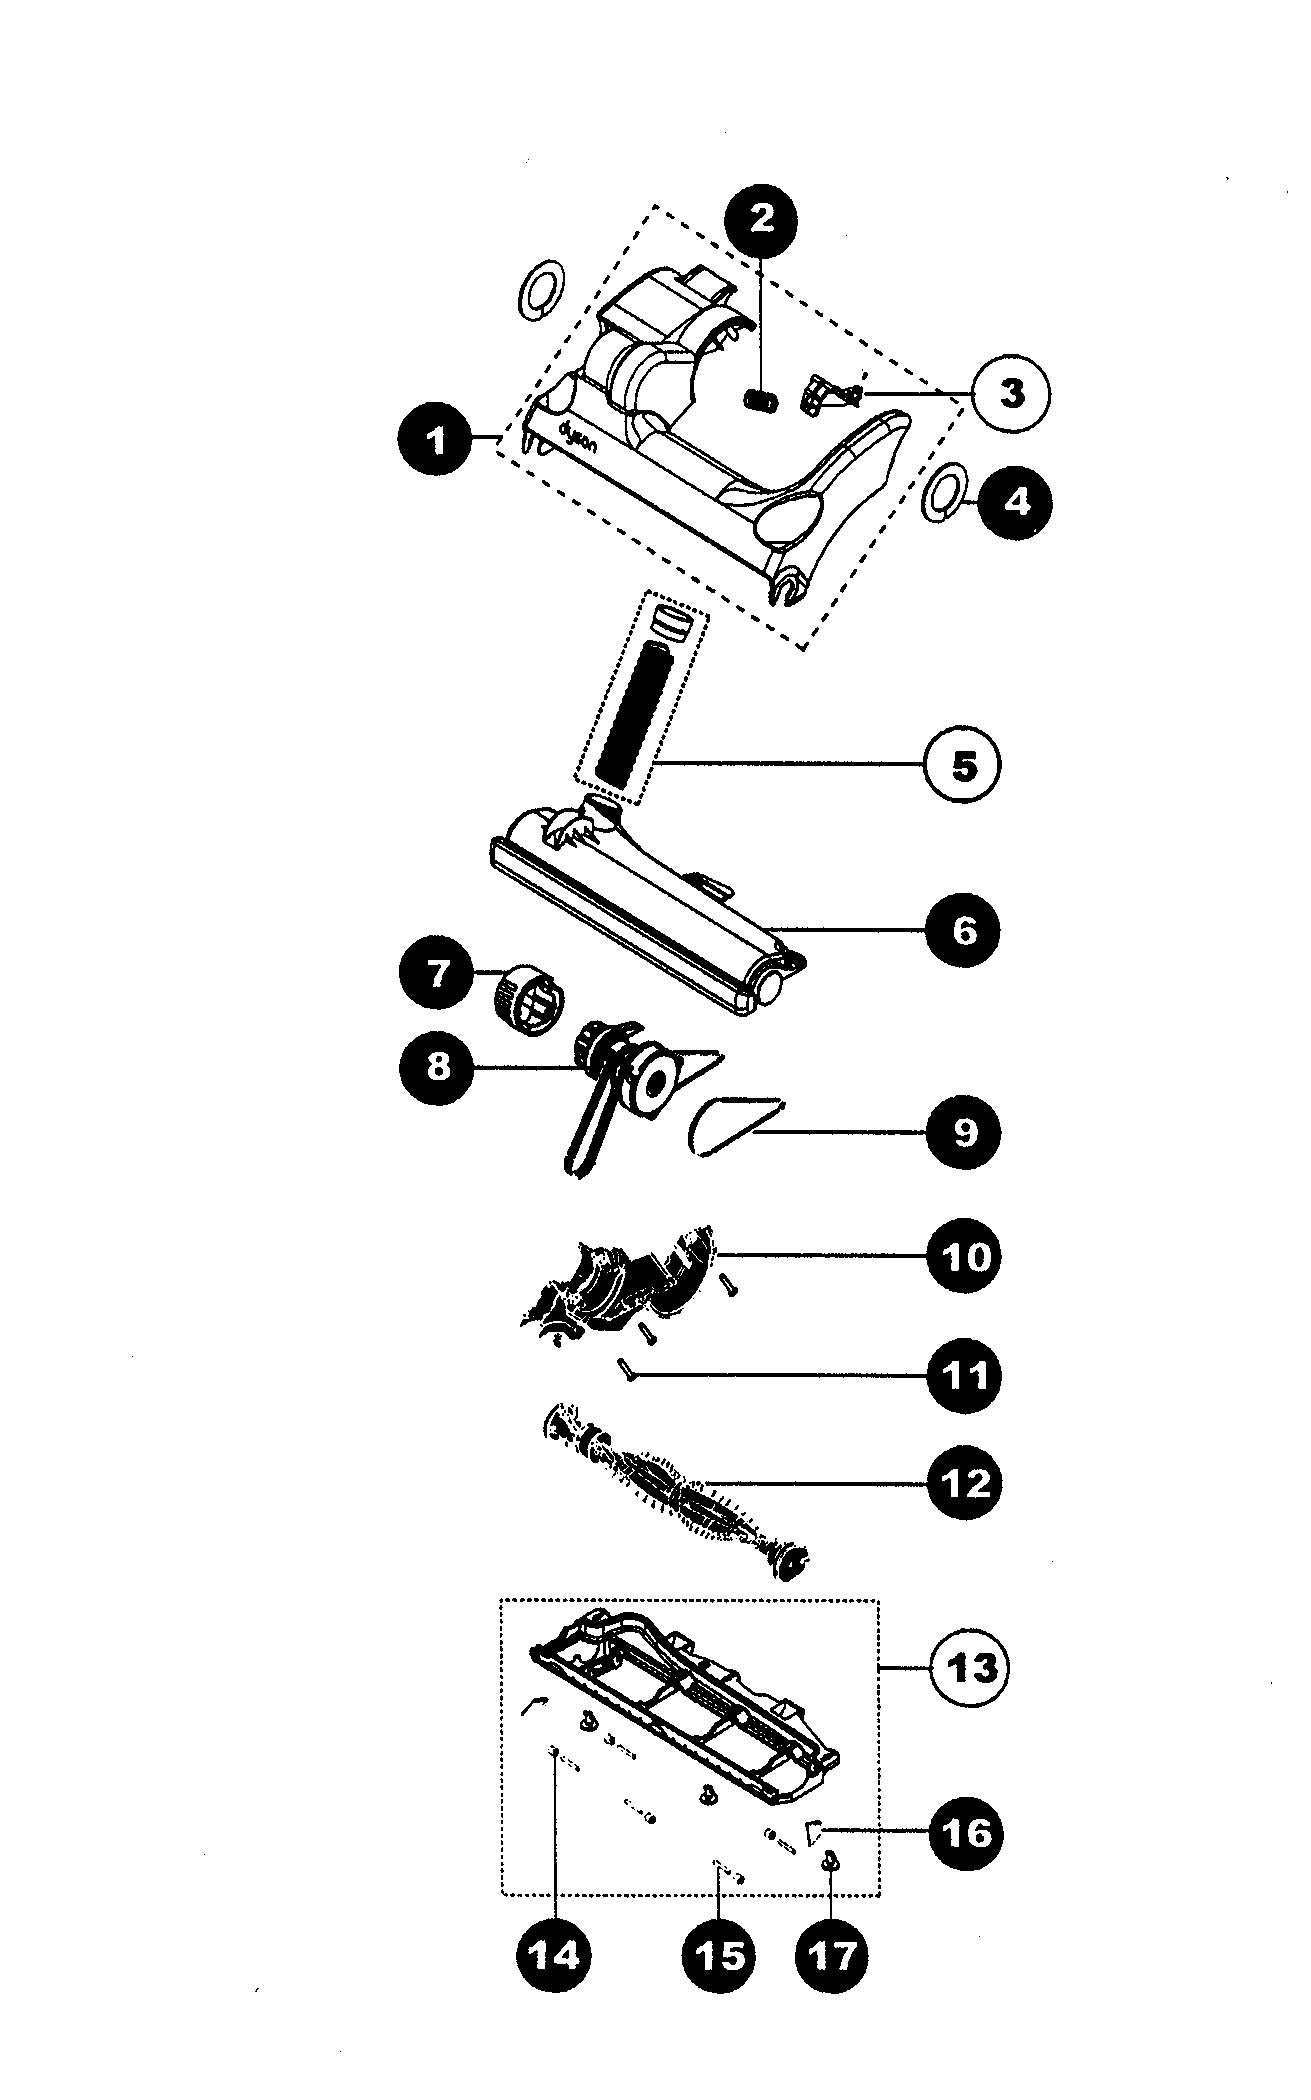 Dyson dc14 parts diagram pdf